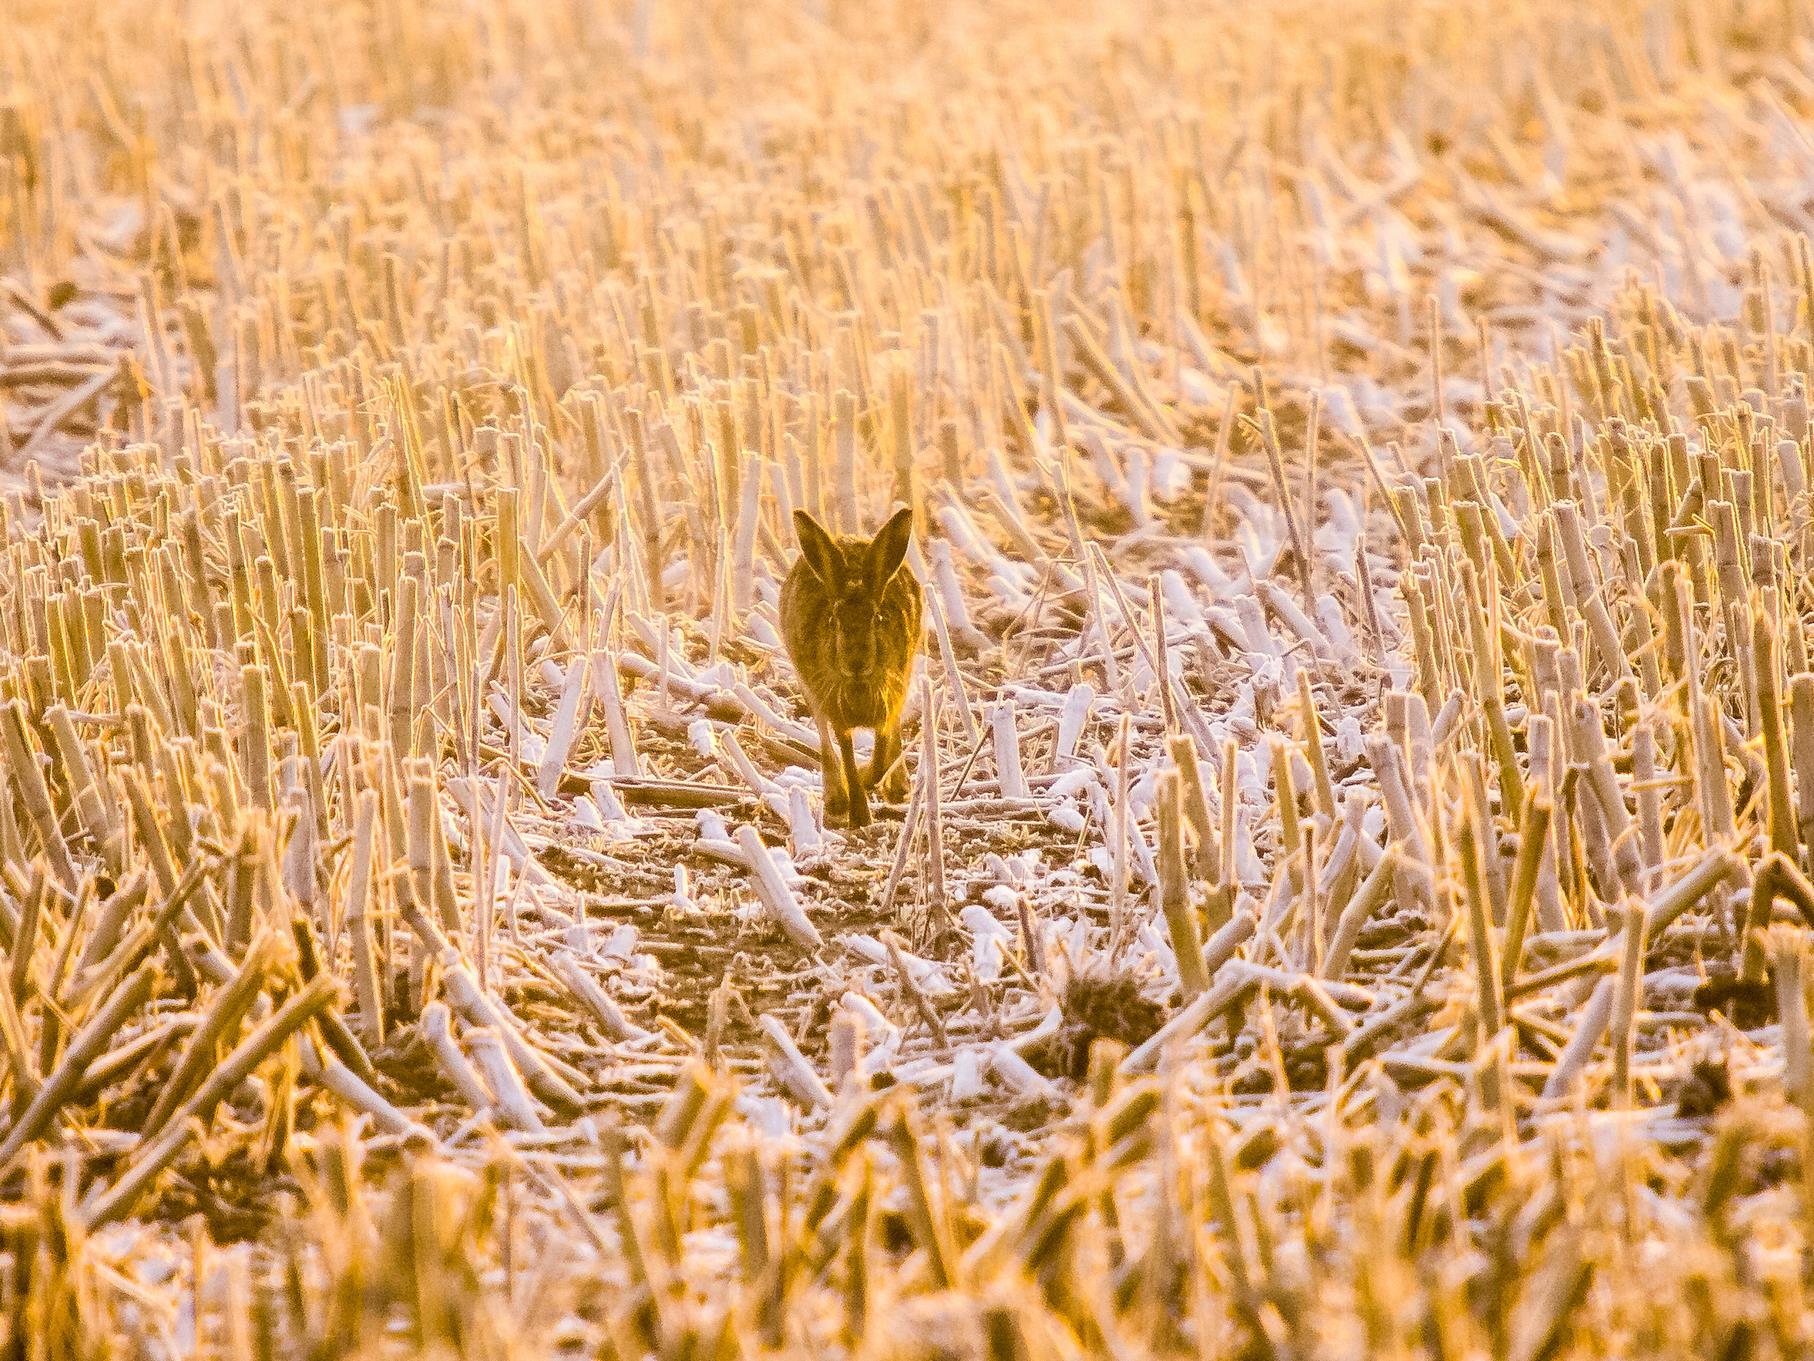 Ein Hase läuft morgens über ein abgeerntetes Feld am Rande der Auenlandschaft.